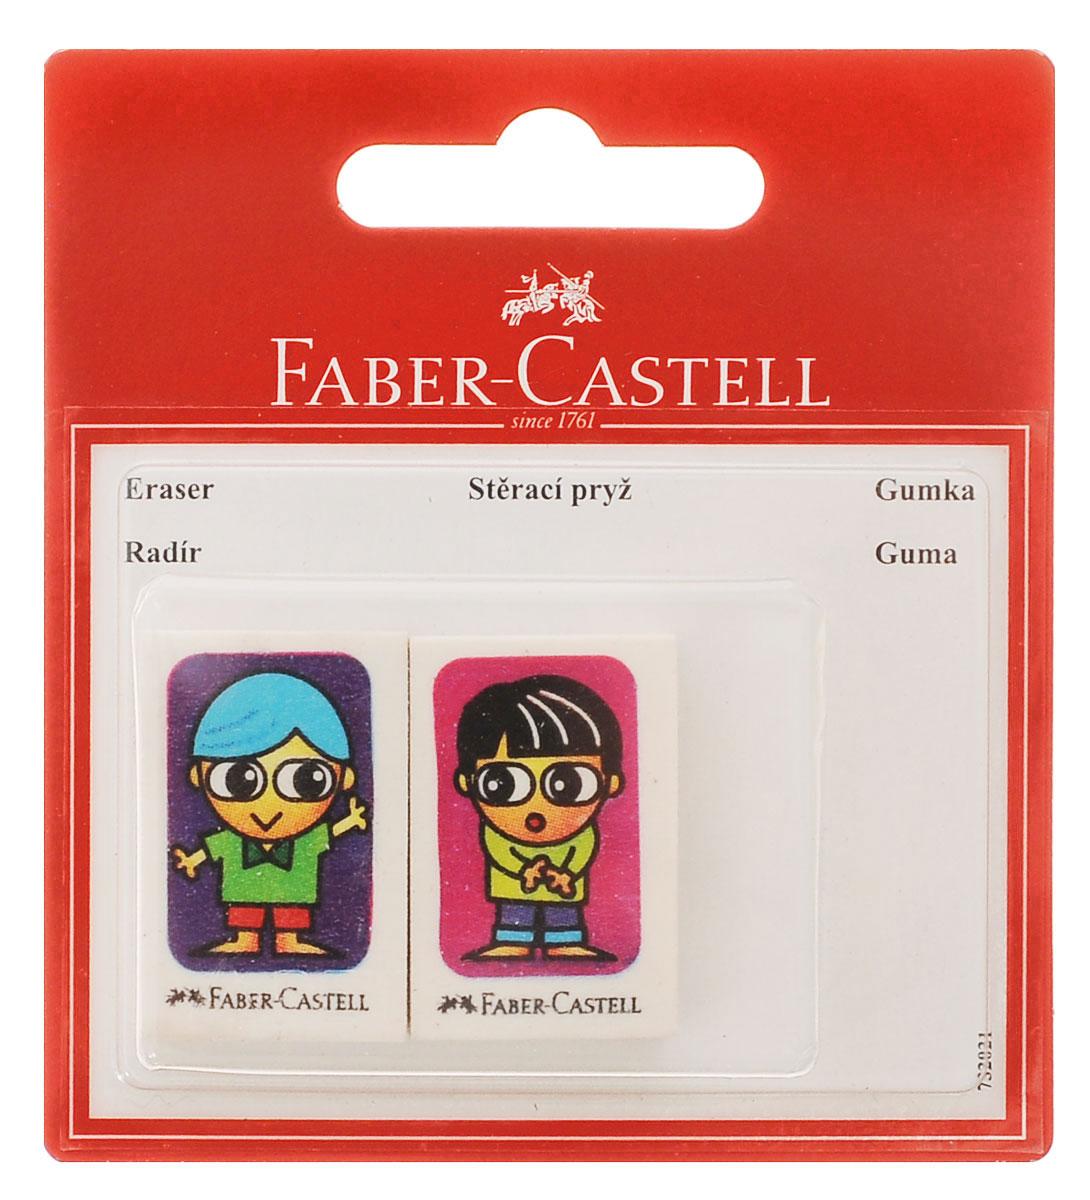 Faber-Castell Ластик Друзья 2 шт263311Ластик Faber-Castell Друзья с изображением двух друзей, по одному на каждом ластике, не содержит ПВХ, пригоден для графитных простых и цветных карандашей. Размеры ластика: 3,5 см х 2,2 см х 0,5 см. В комплекте 2 ластика. УВАЖАЕМЫЕ КЛИЕНТЫ! Обращаем ваше внимание на тот факт, что комплектация может отличаться от представленной на фото и зависит от наличия на складе.